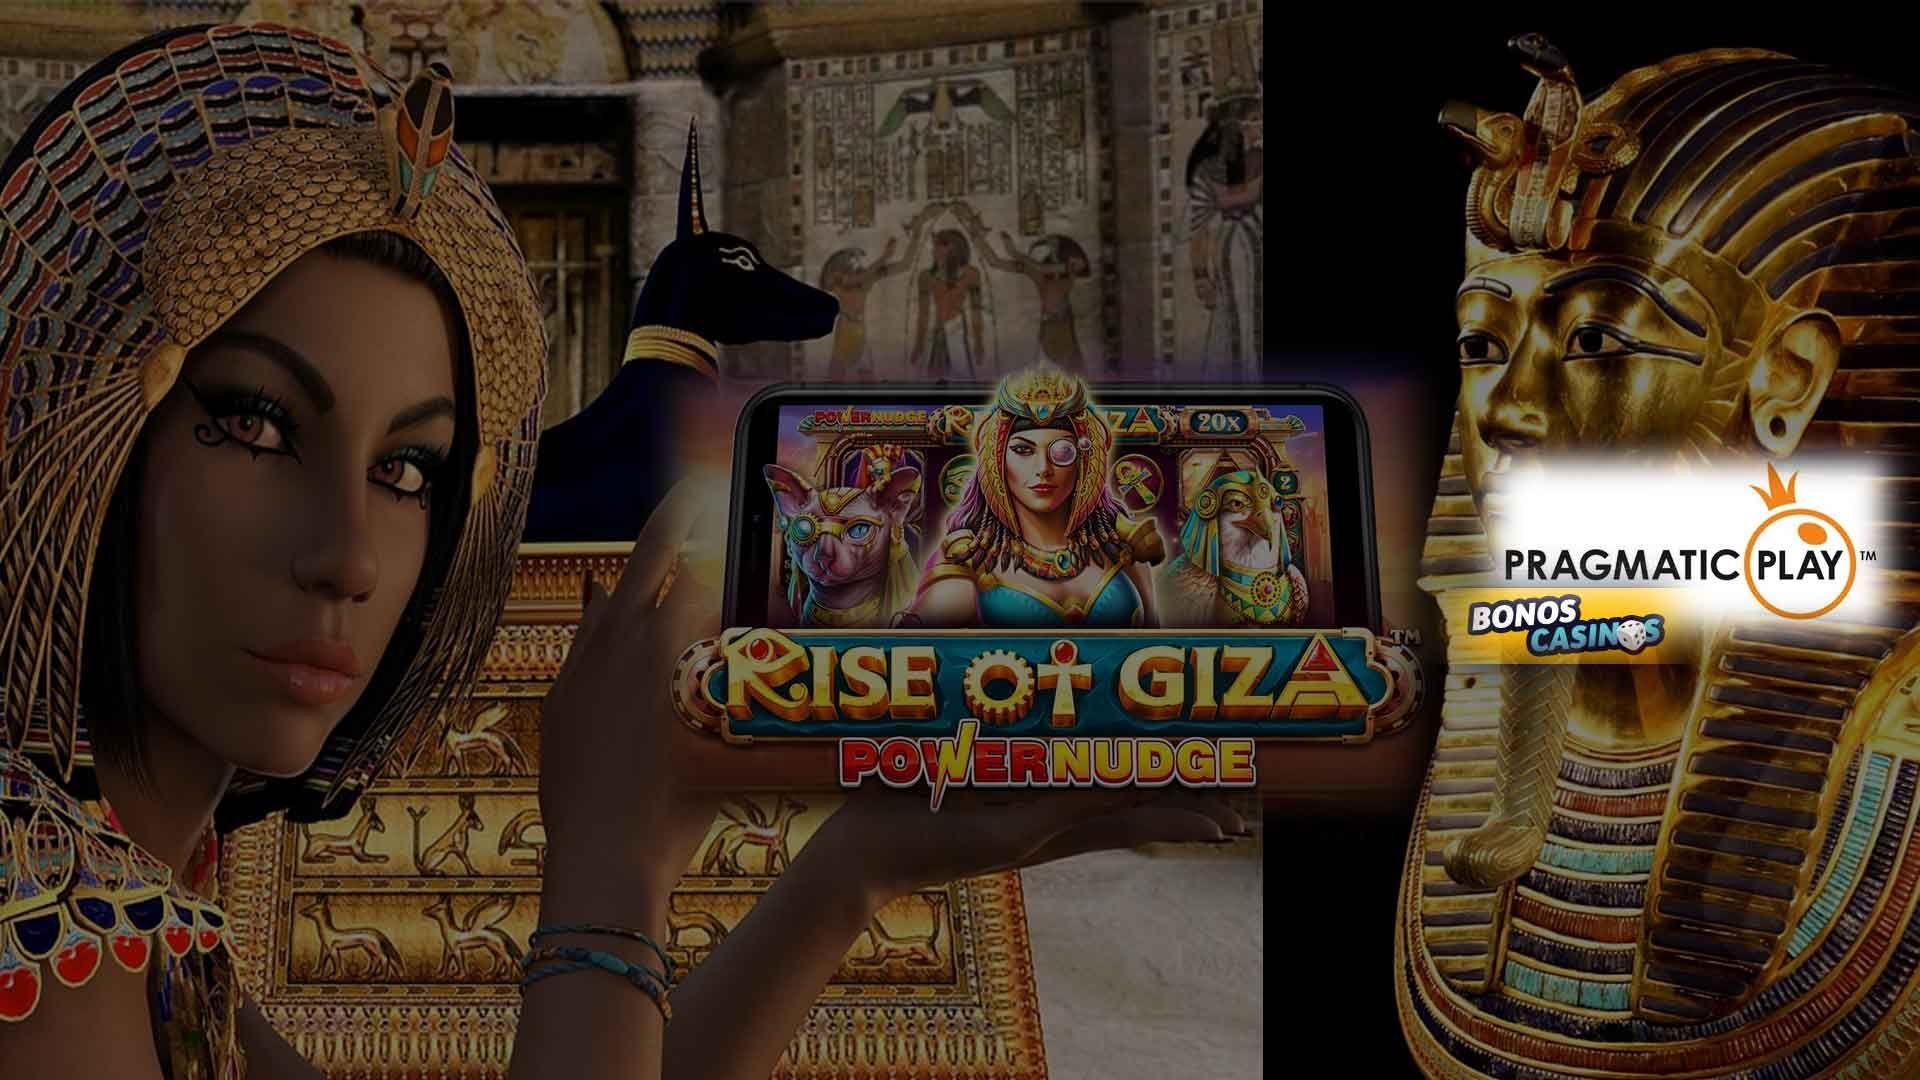 logo de Rise of Giza PowerNudge, tendencia del mercado iGaming